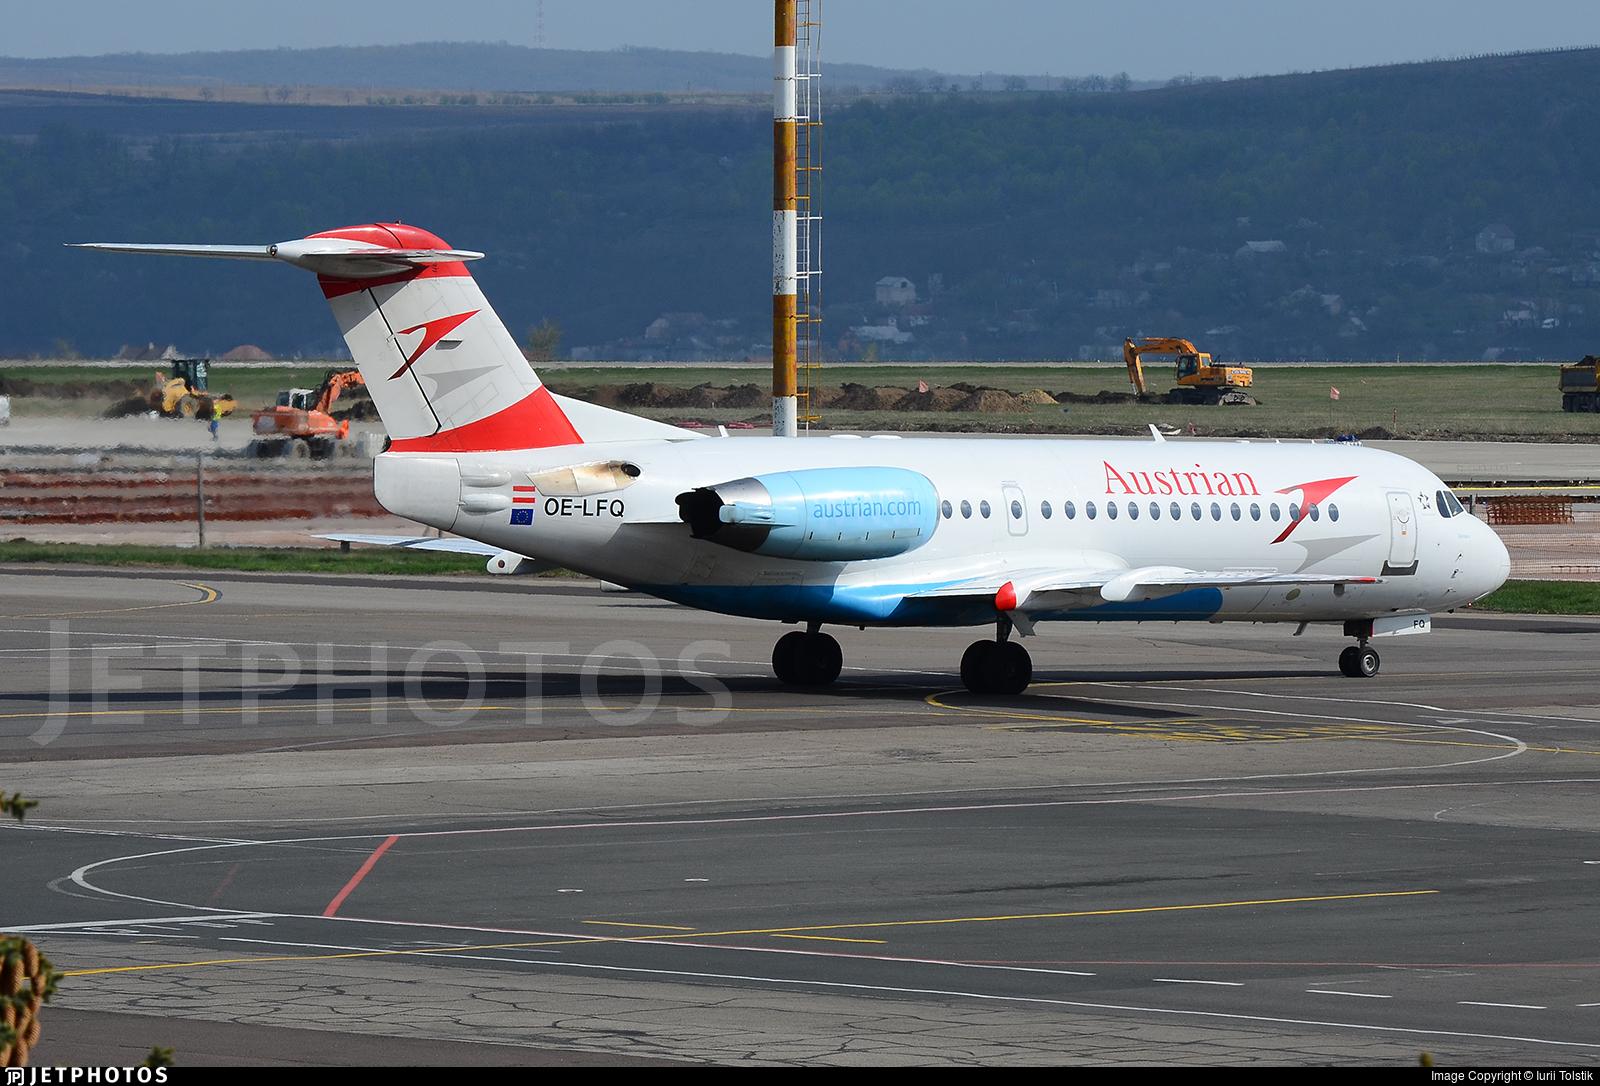 OE-LFQ - Fokker 70 - Austrian Airlines